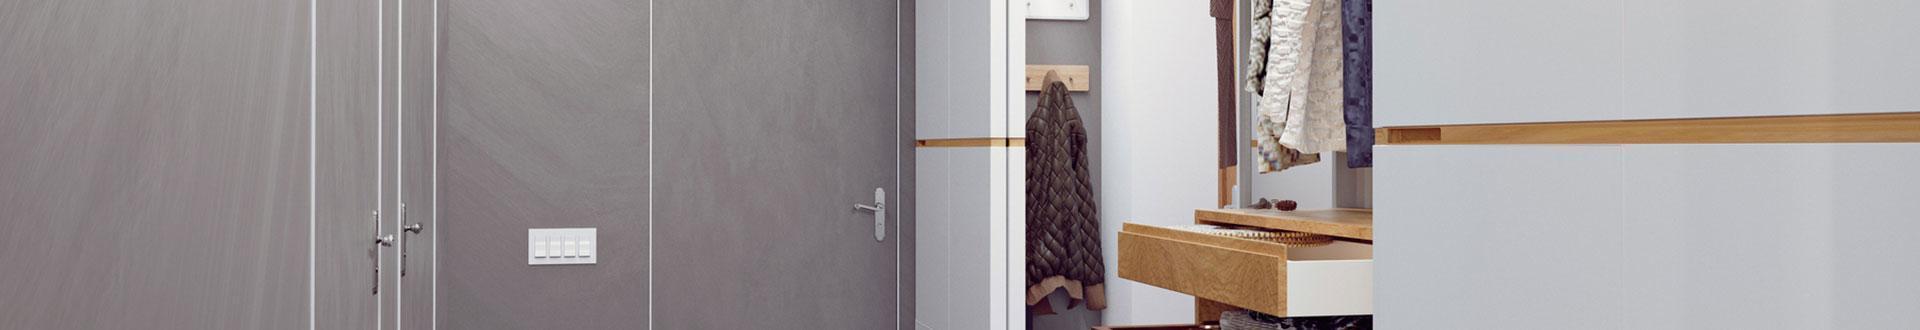 wnętrze mieszkania 1